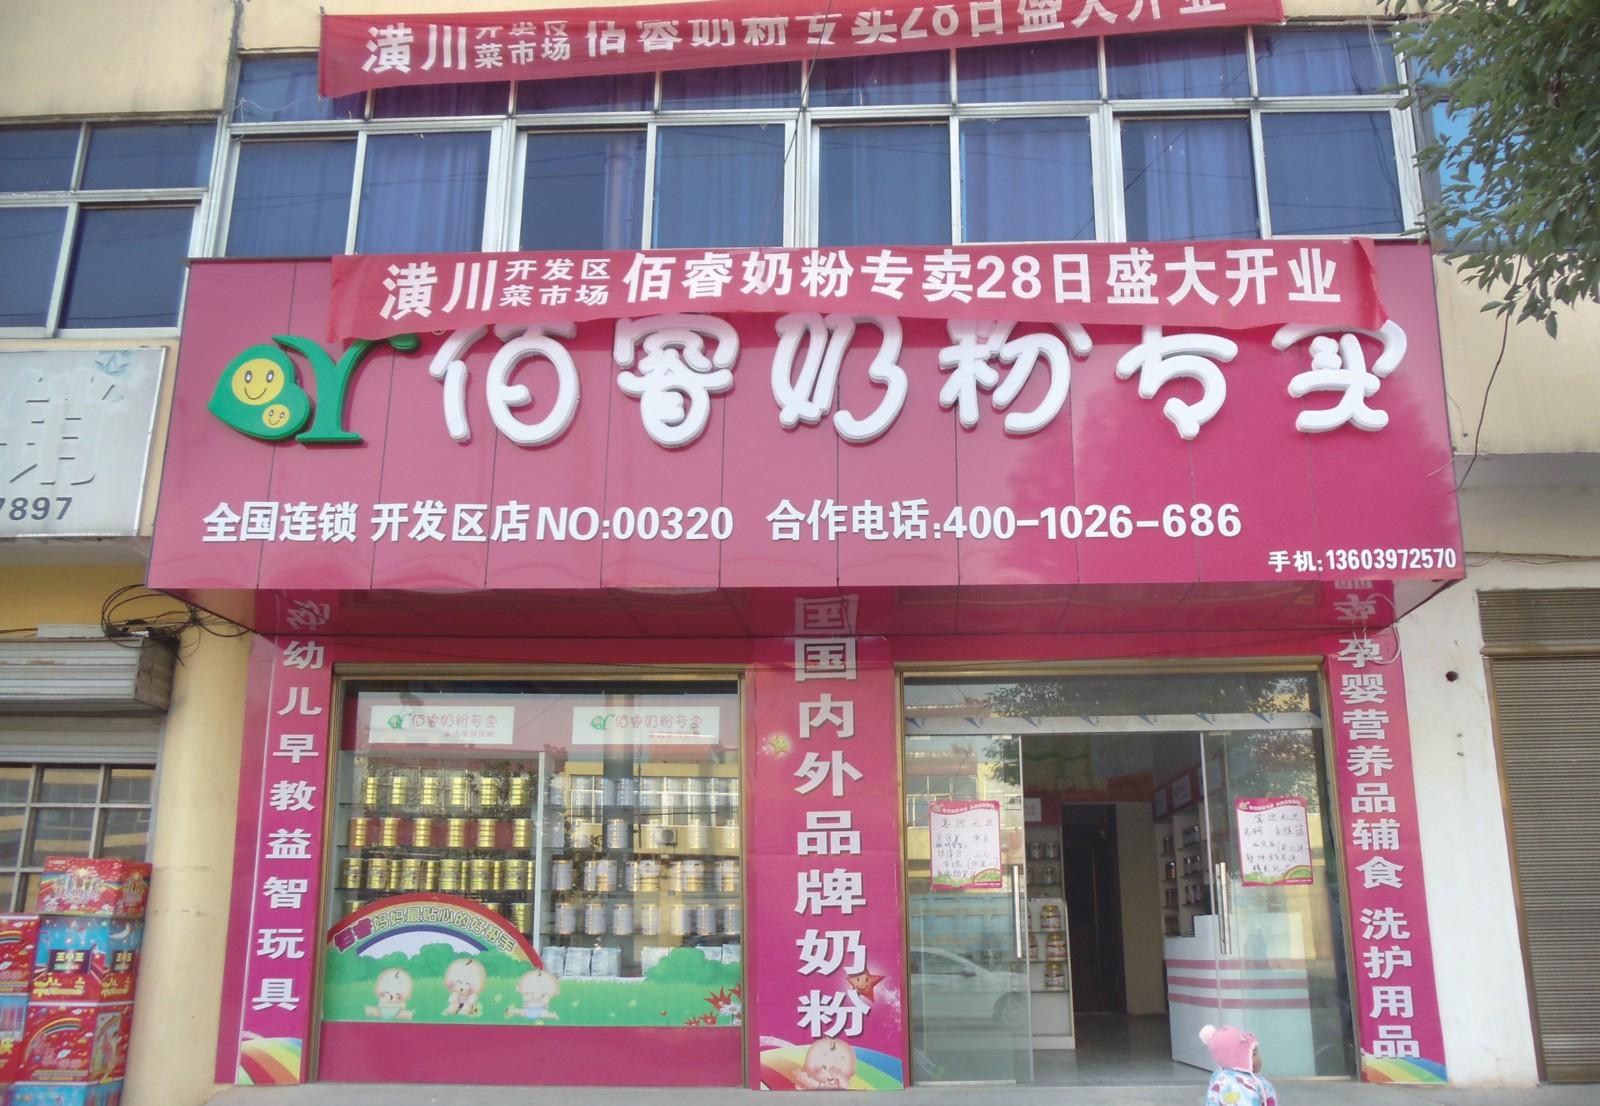 佰睿奶粉专卖加盟七大优势